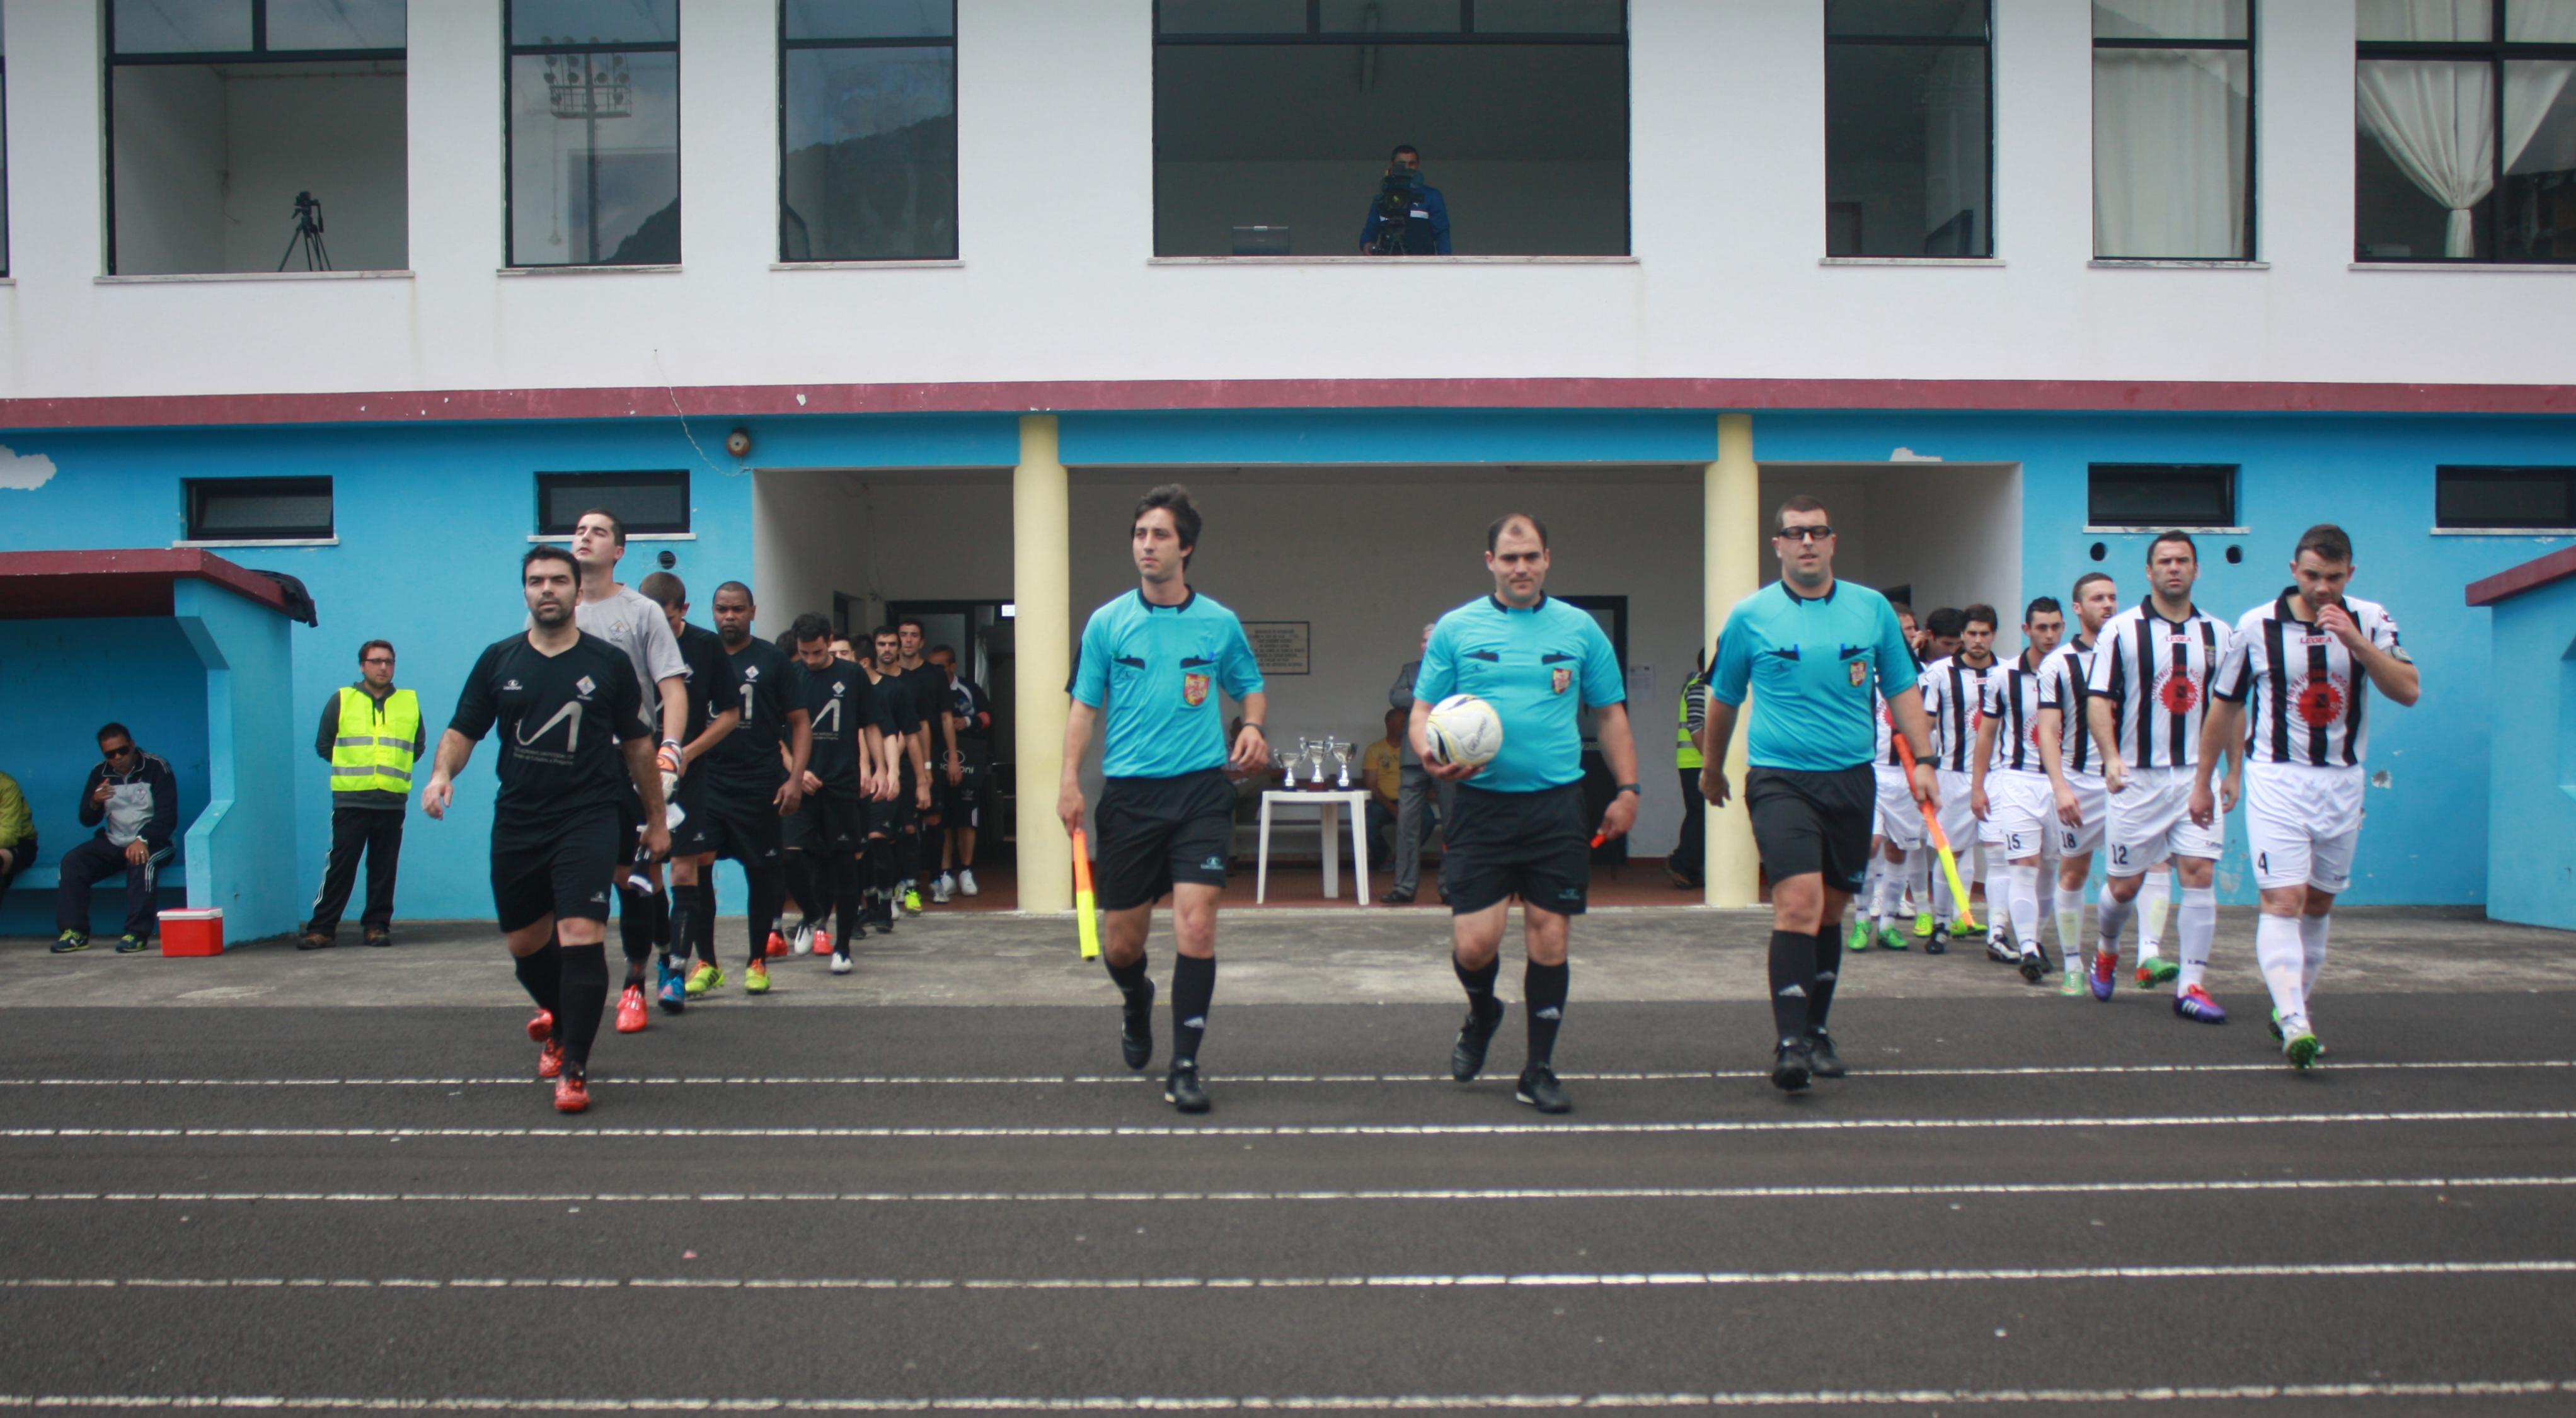 Em jogo bastante equilibrado Vilanovense vence GDV já no final e sobe à MEO Açores (c/áudio)